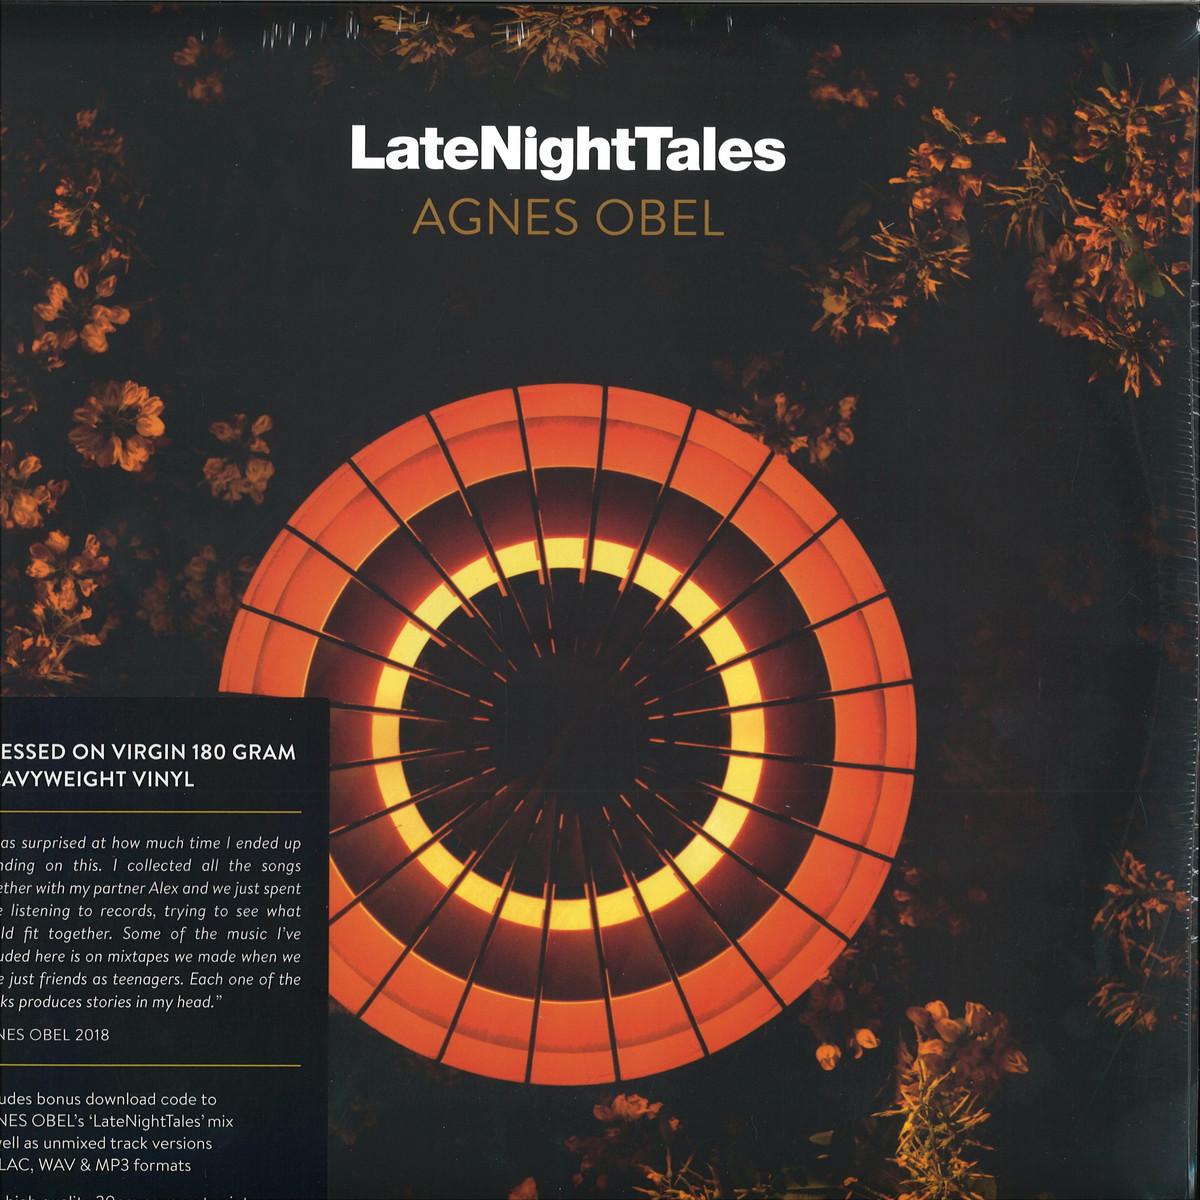 deejay de - LATE NIGHT TALES